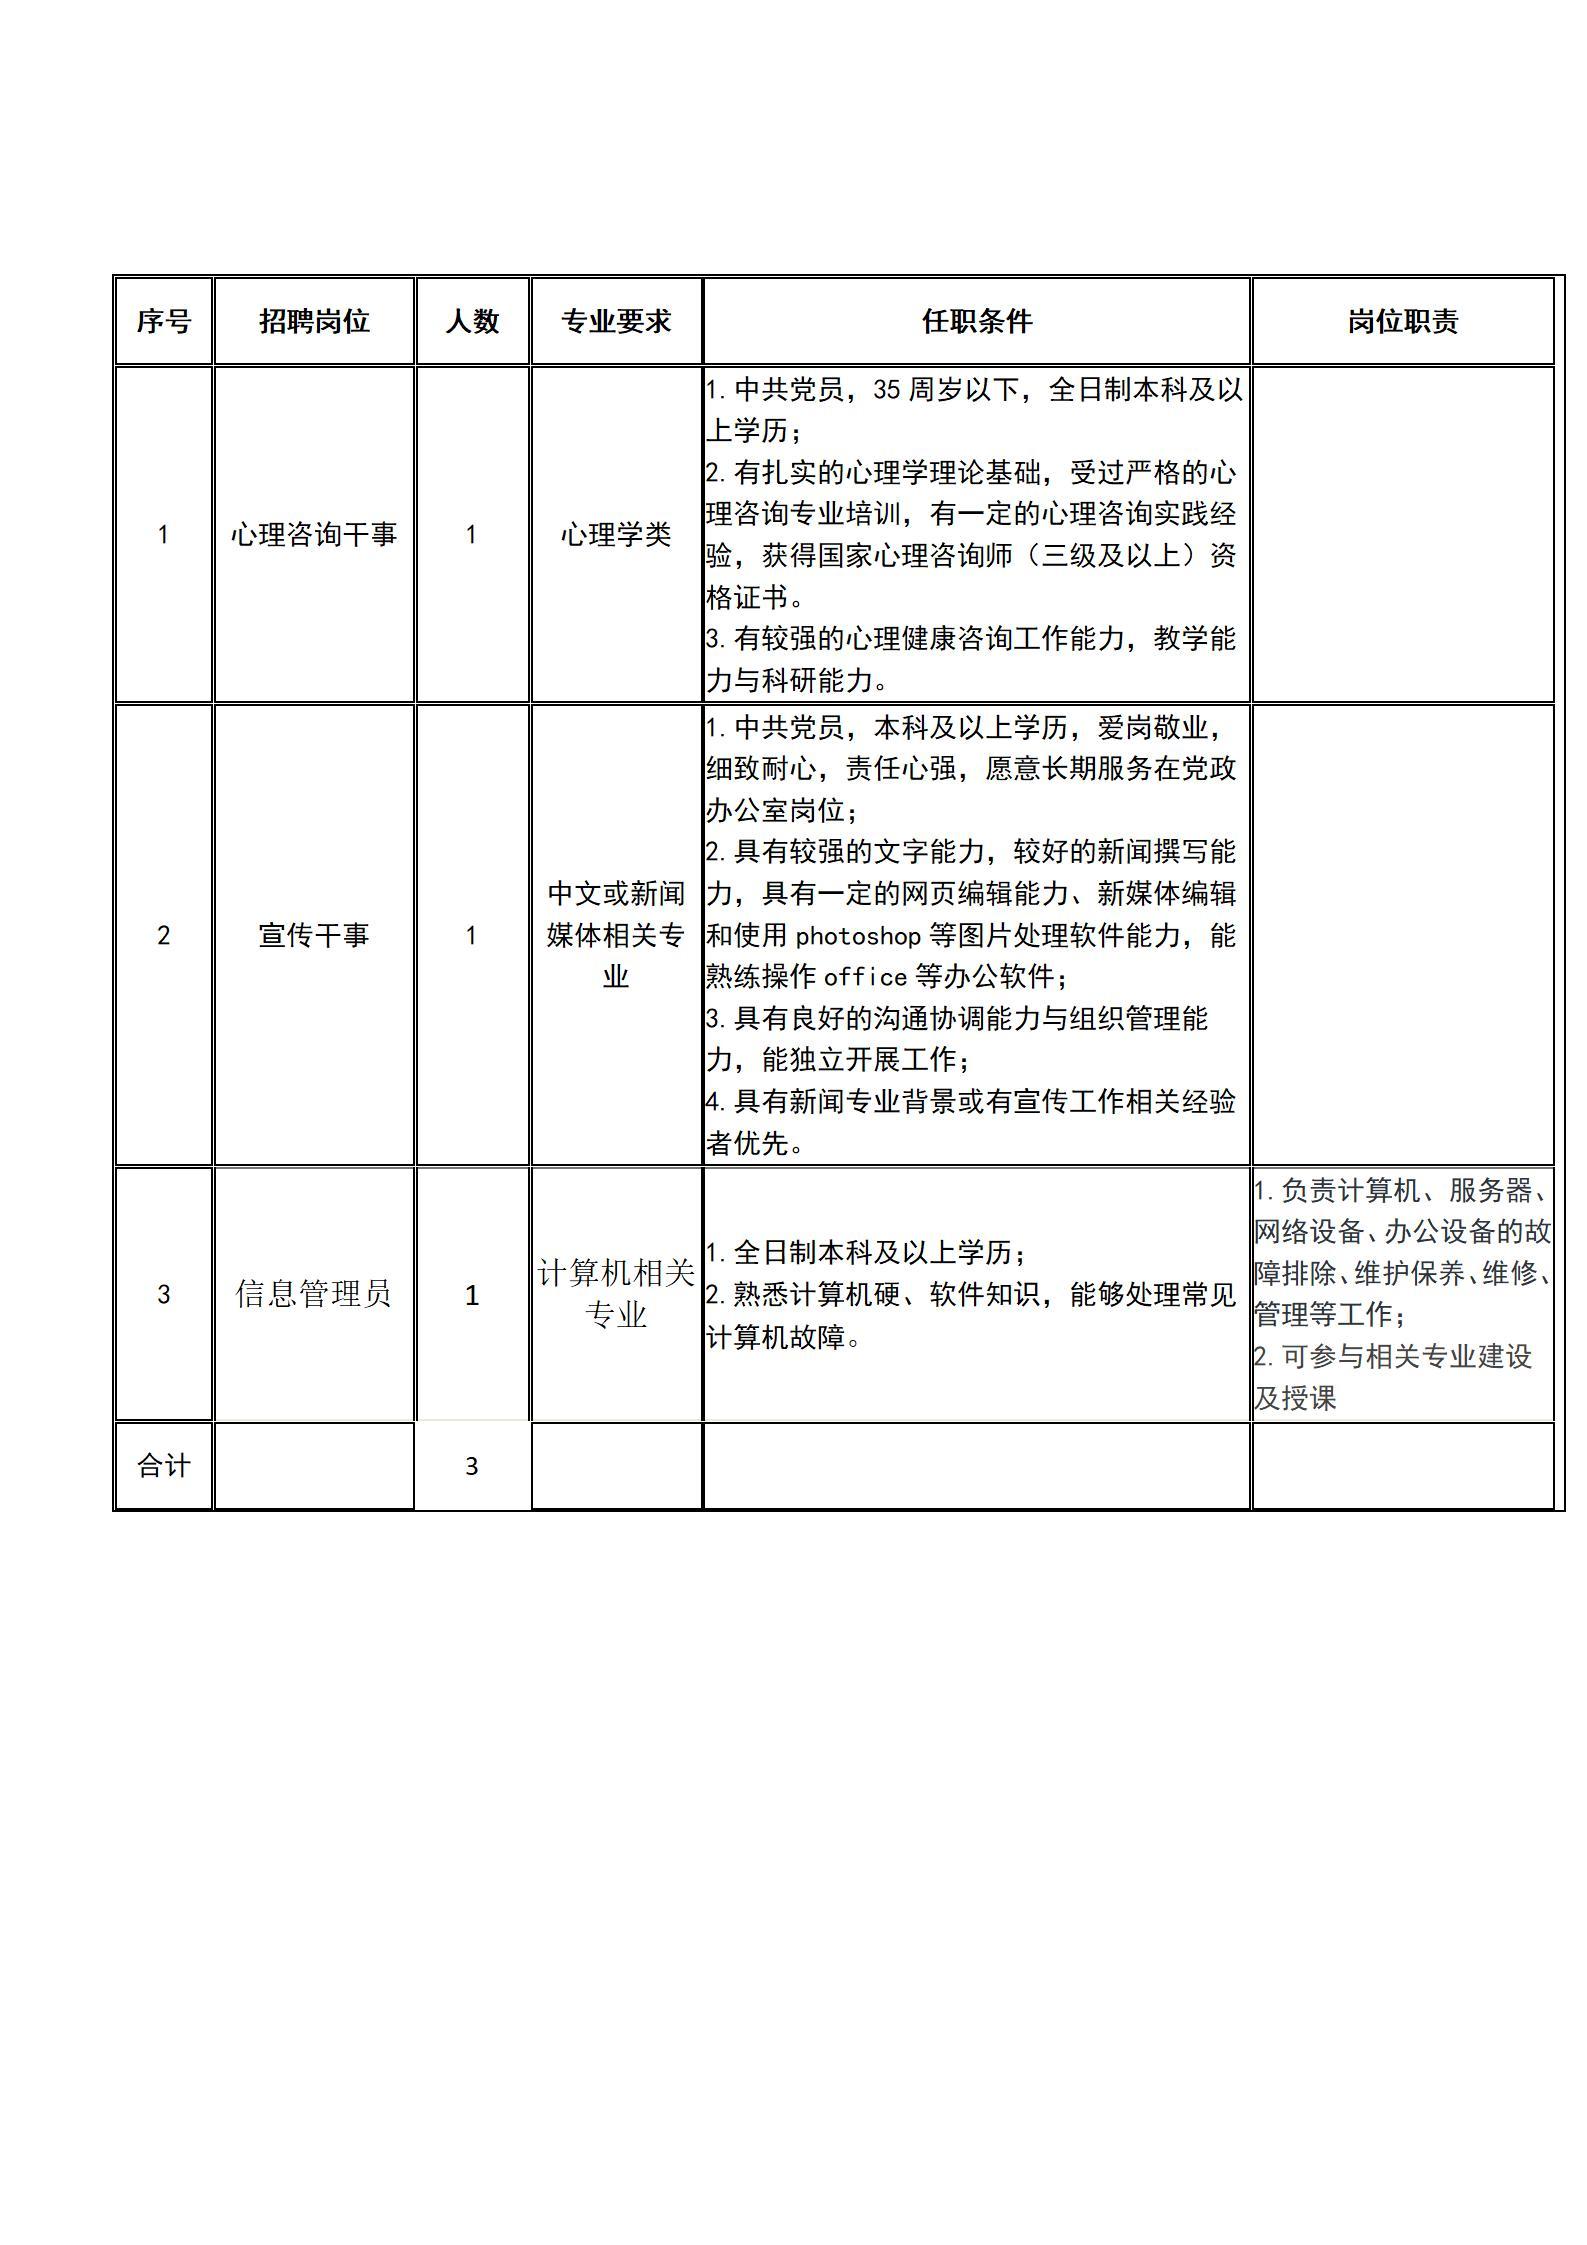 武汉科技职业学院2021年秋季招聘